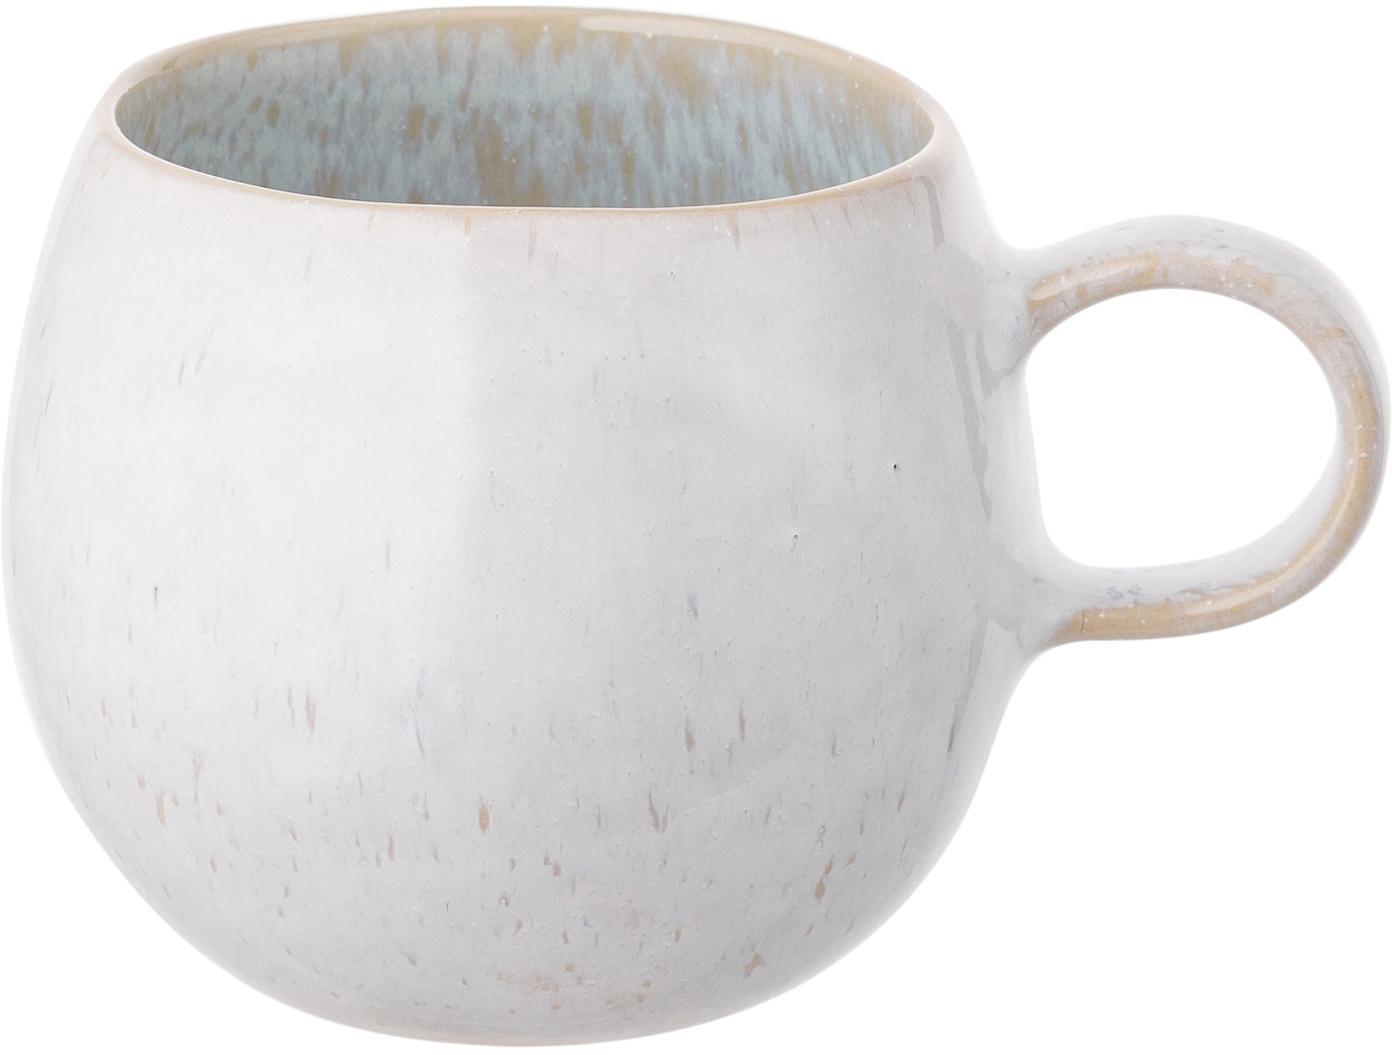 Handbemalte Teetassen Areia mit reaktiver Glasur, 2 Stück, Steingut, Hellblau, Gebrochenes Weiss, Hellbeige, Ø 9 x H 10 cm